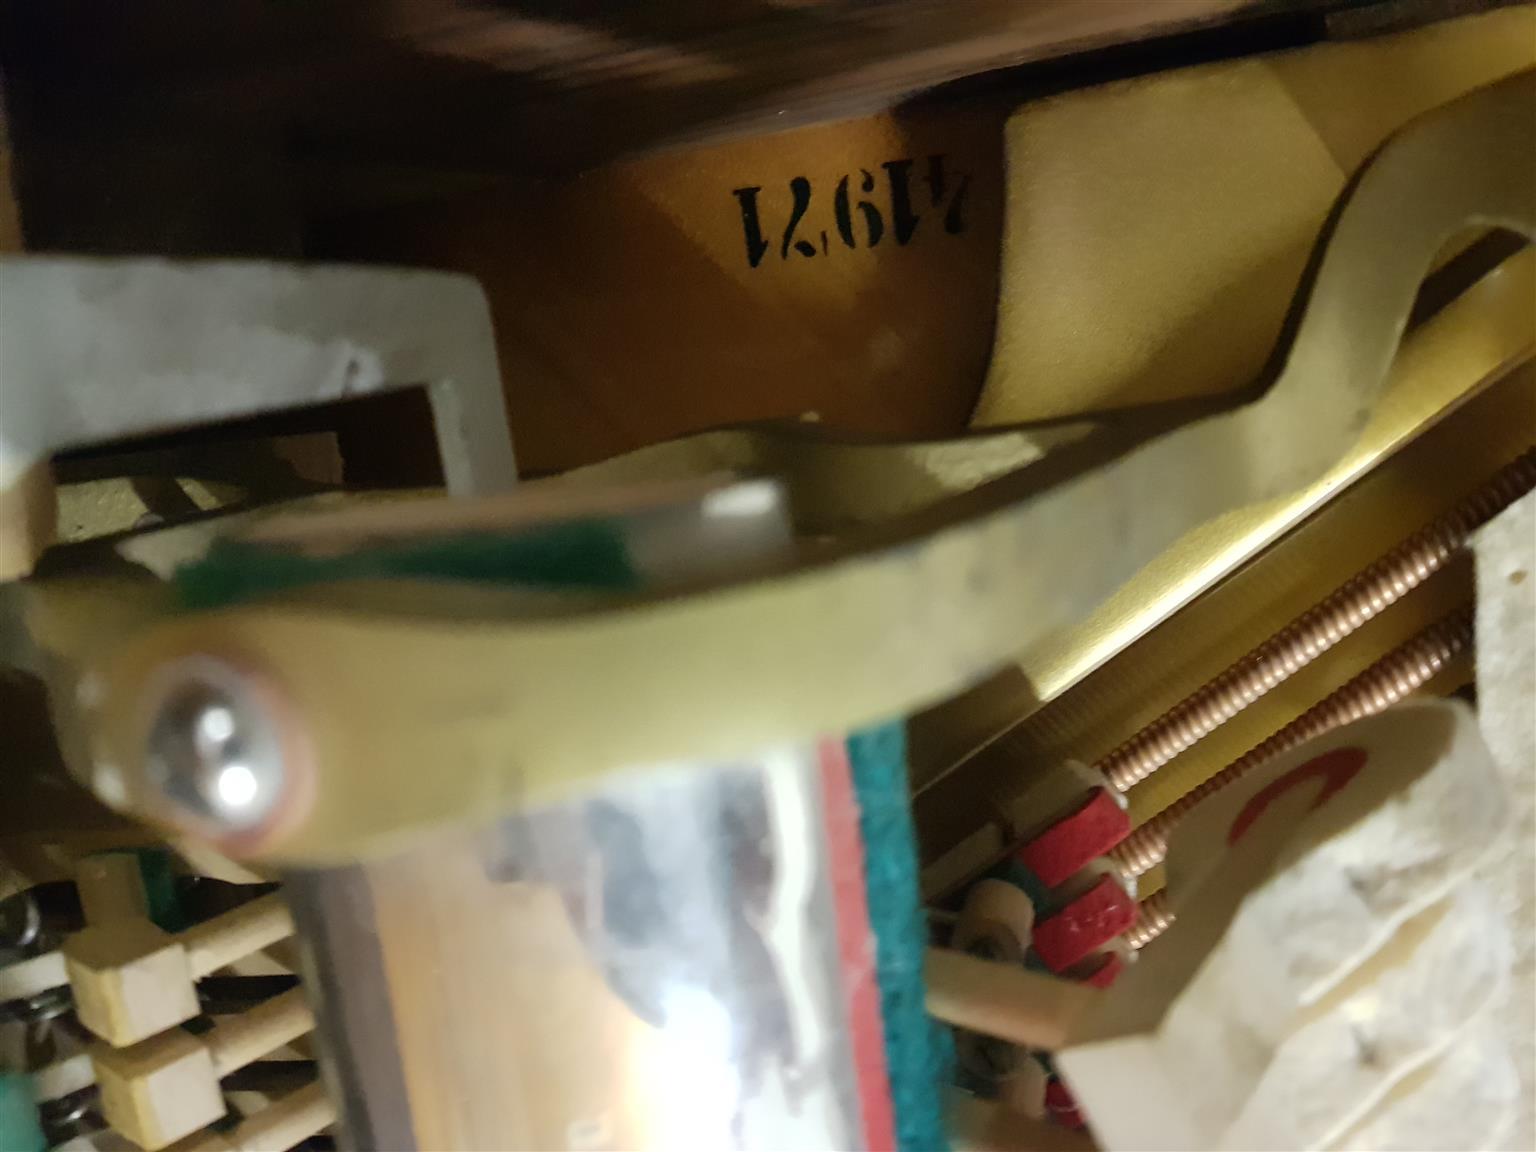 Hoffmann Wien Upright Piano 1970's